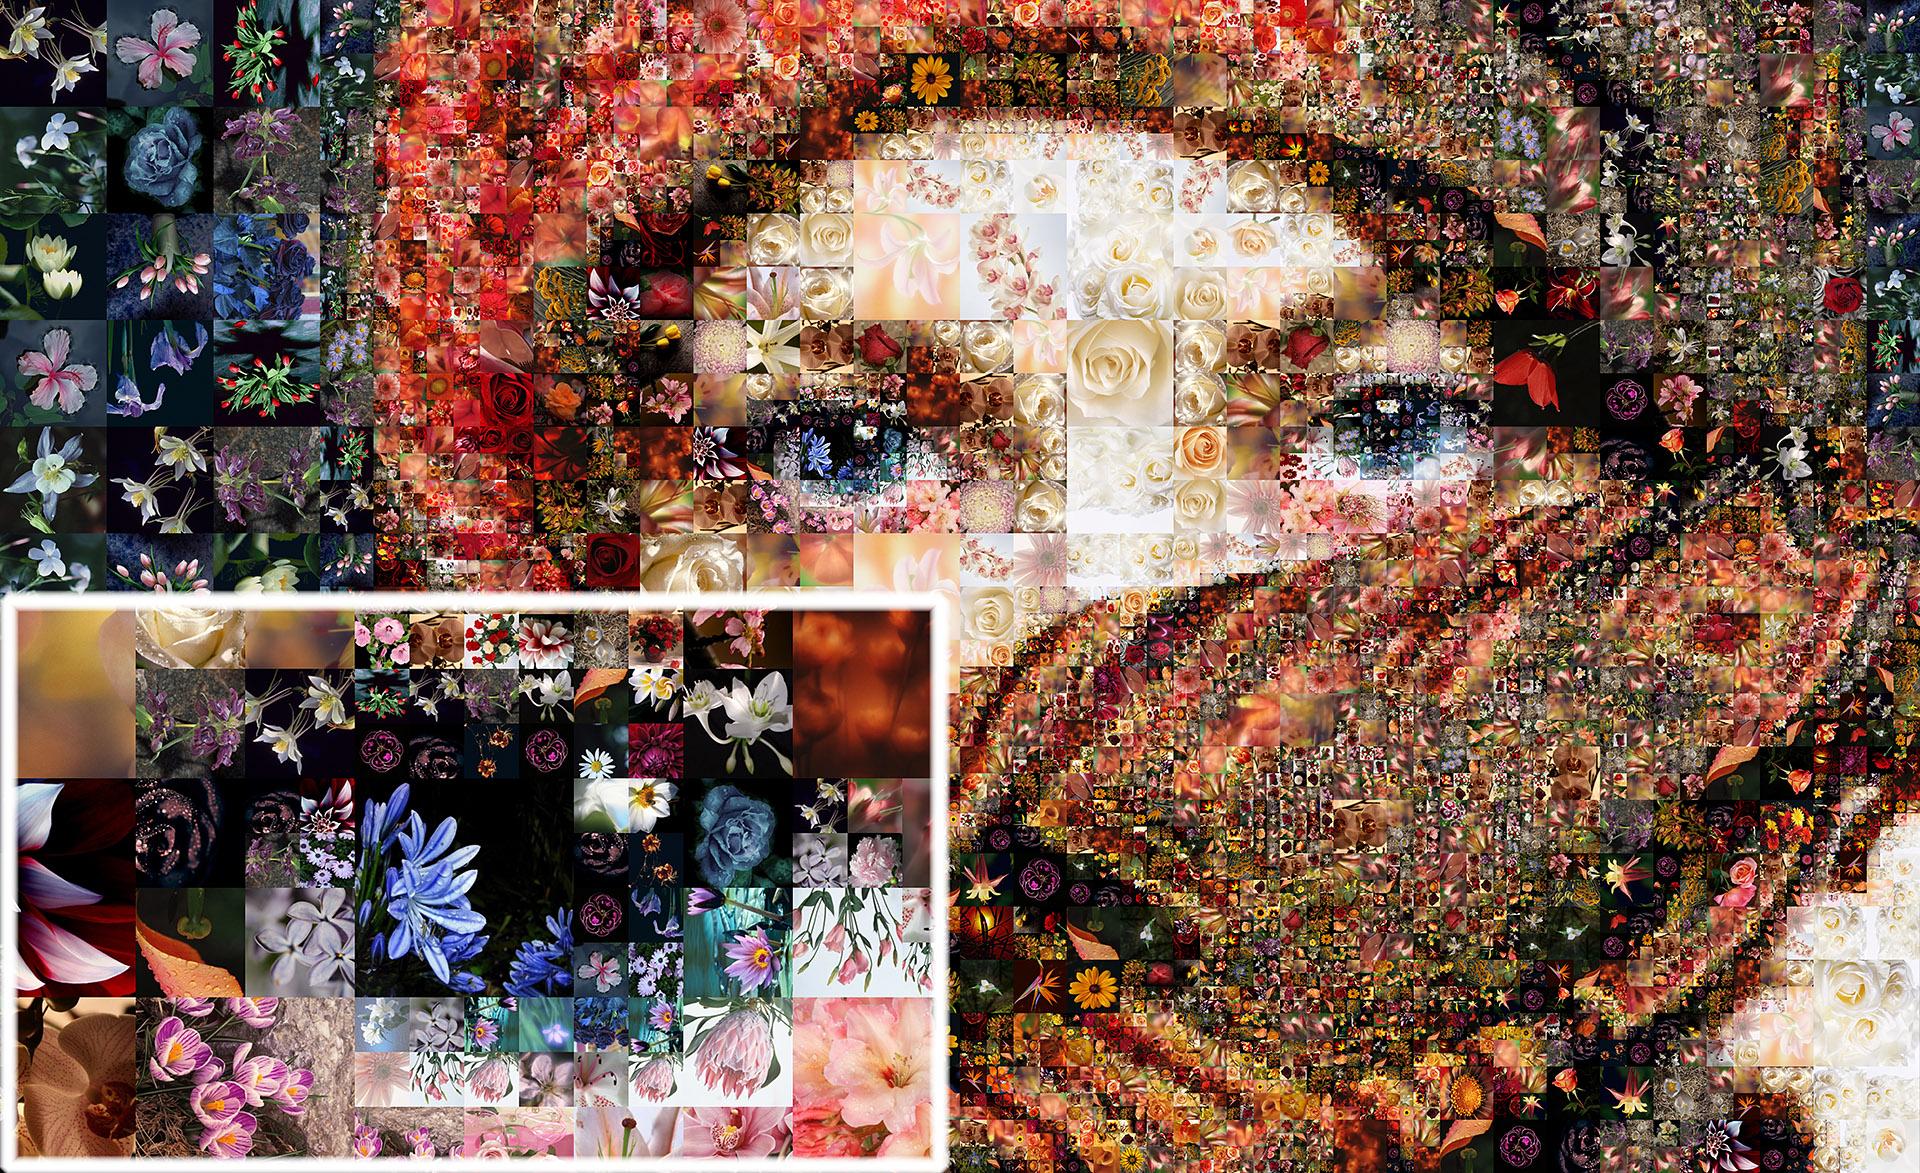 Auf Einfache Art Selbst Fotocollagen Ohne Photoshop Erstellen Mit Dem Masterprogramm Zur Modellierung Von Collagen Photo Collage Maker